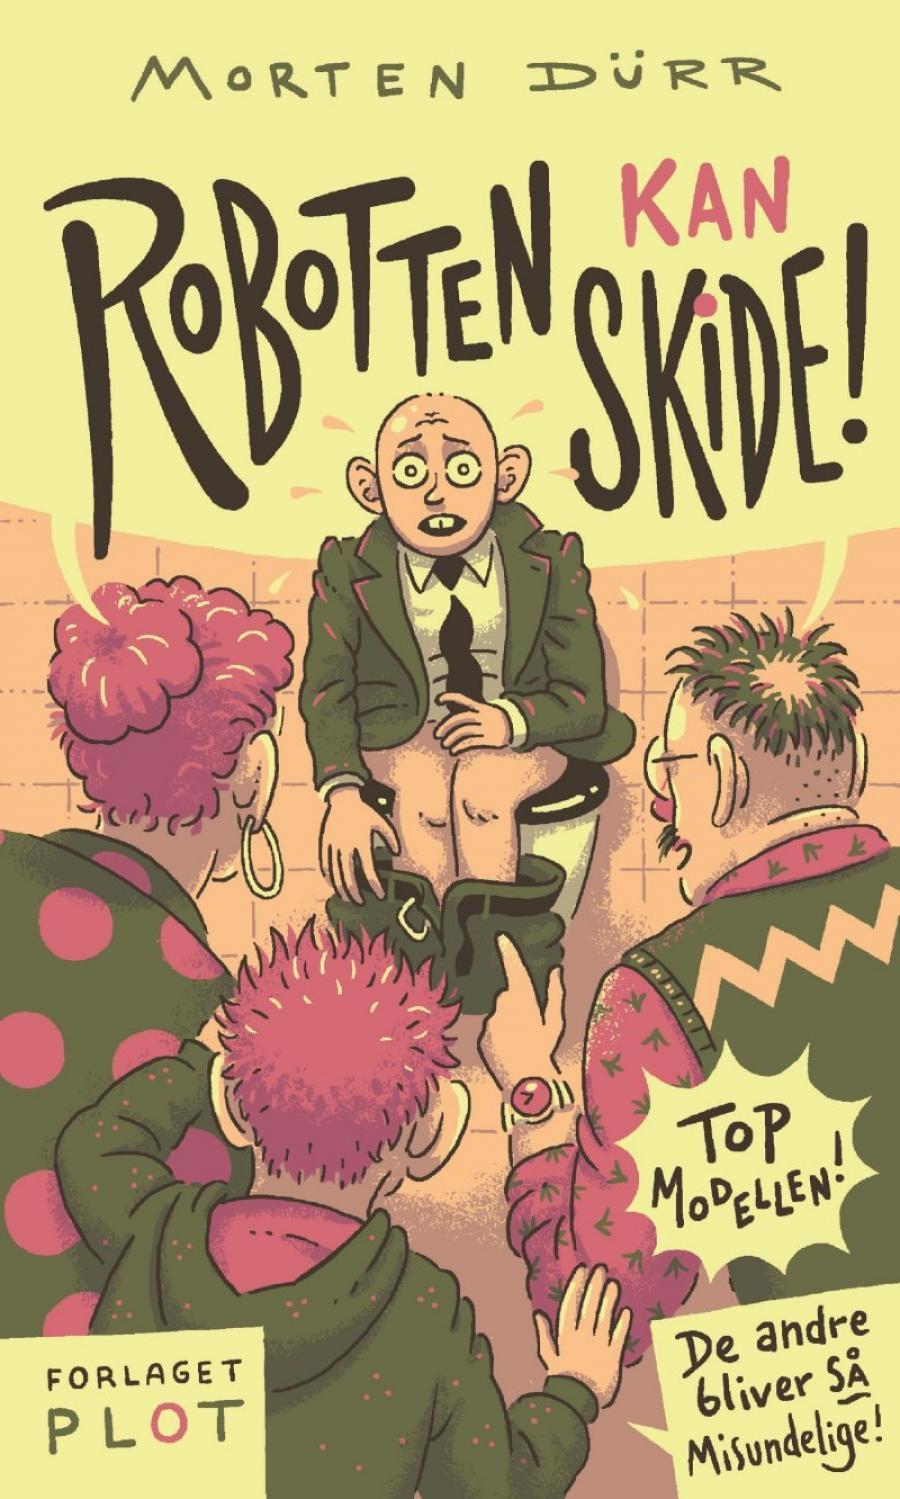 Billede af bogen Robotten kan skide af Morten Dürr